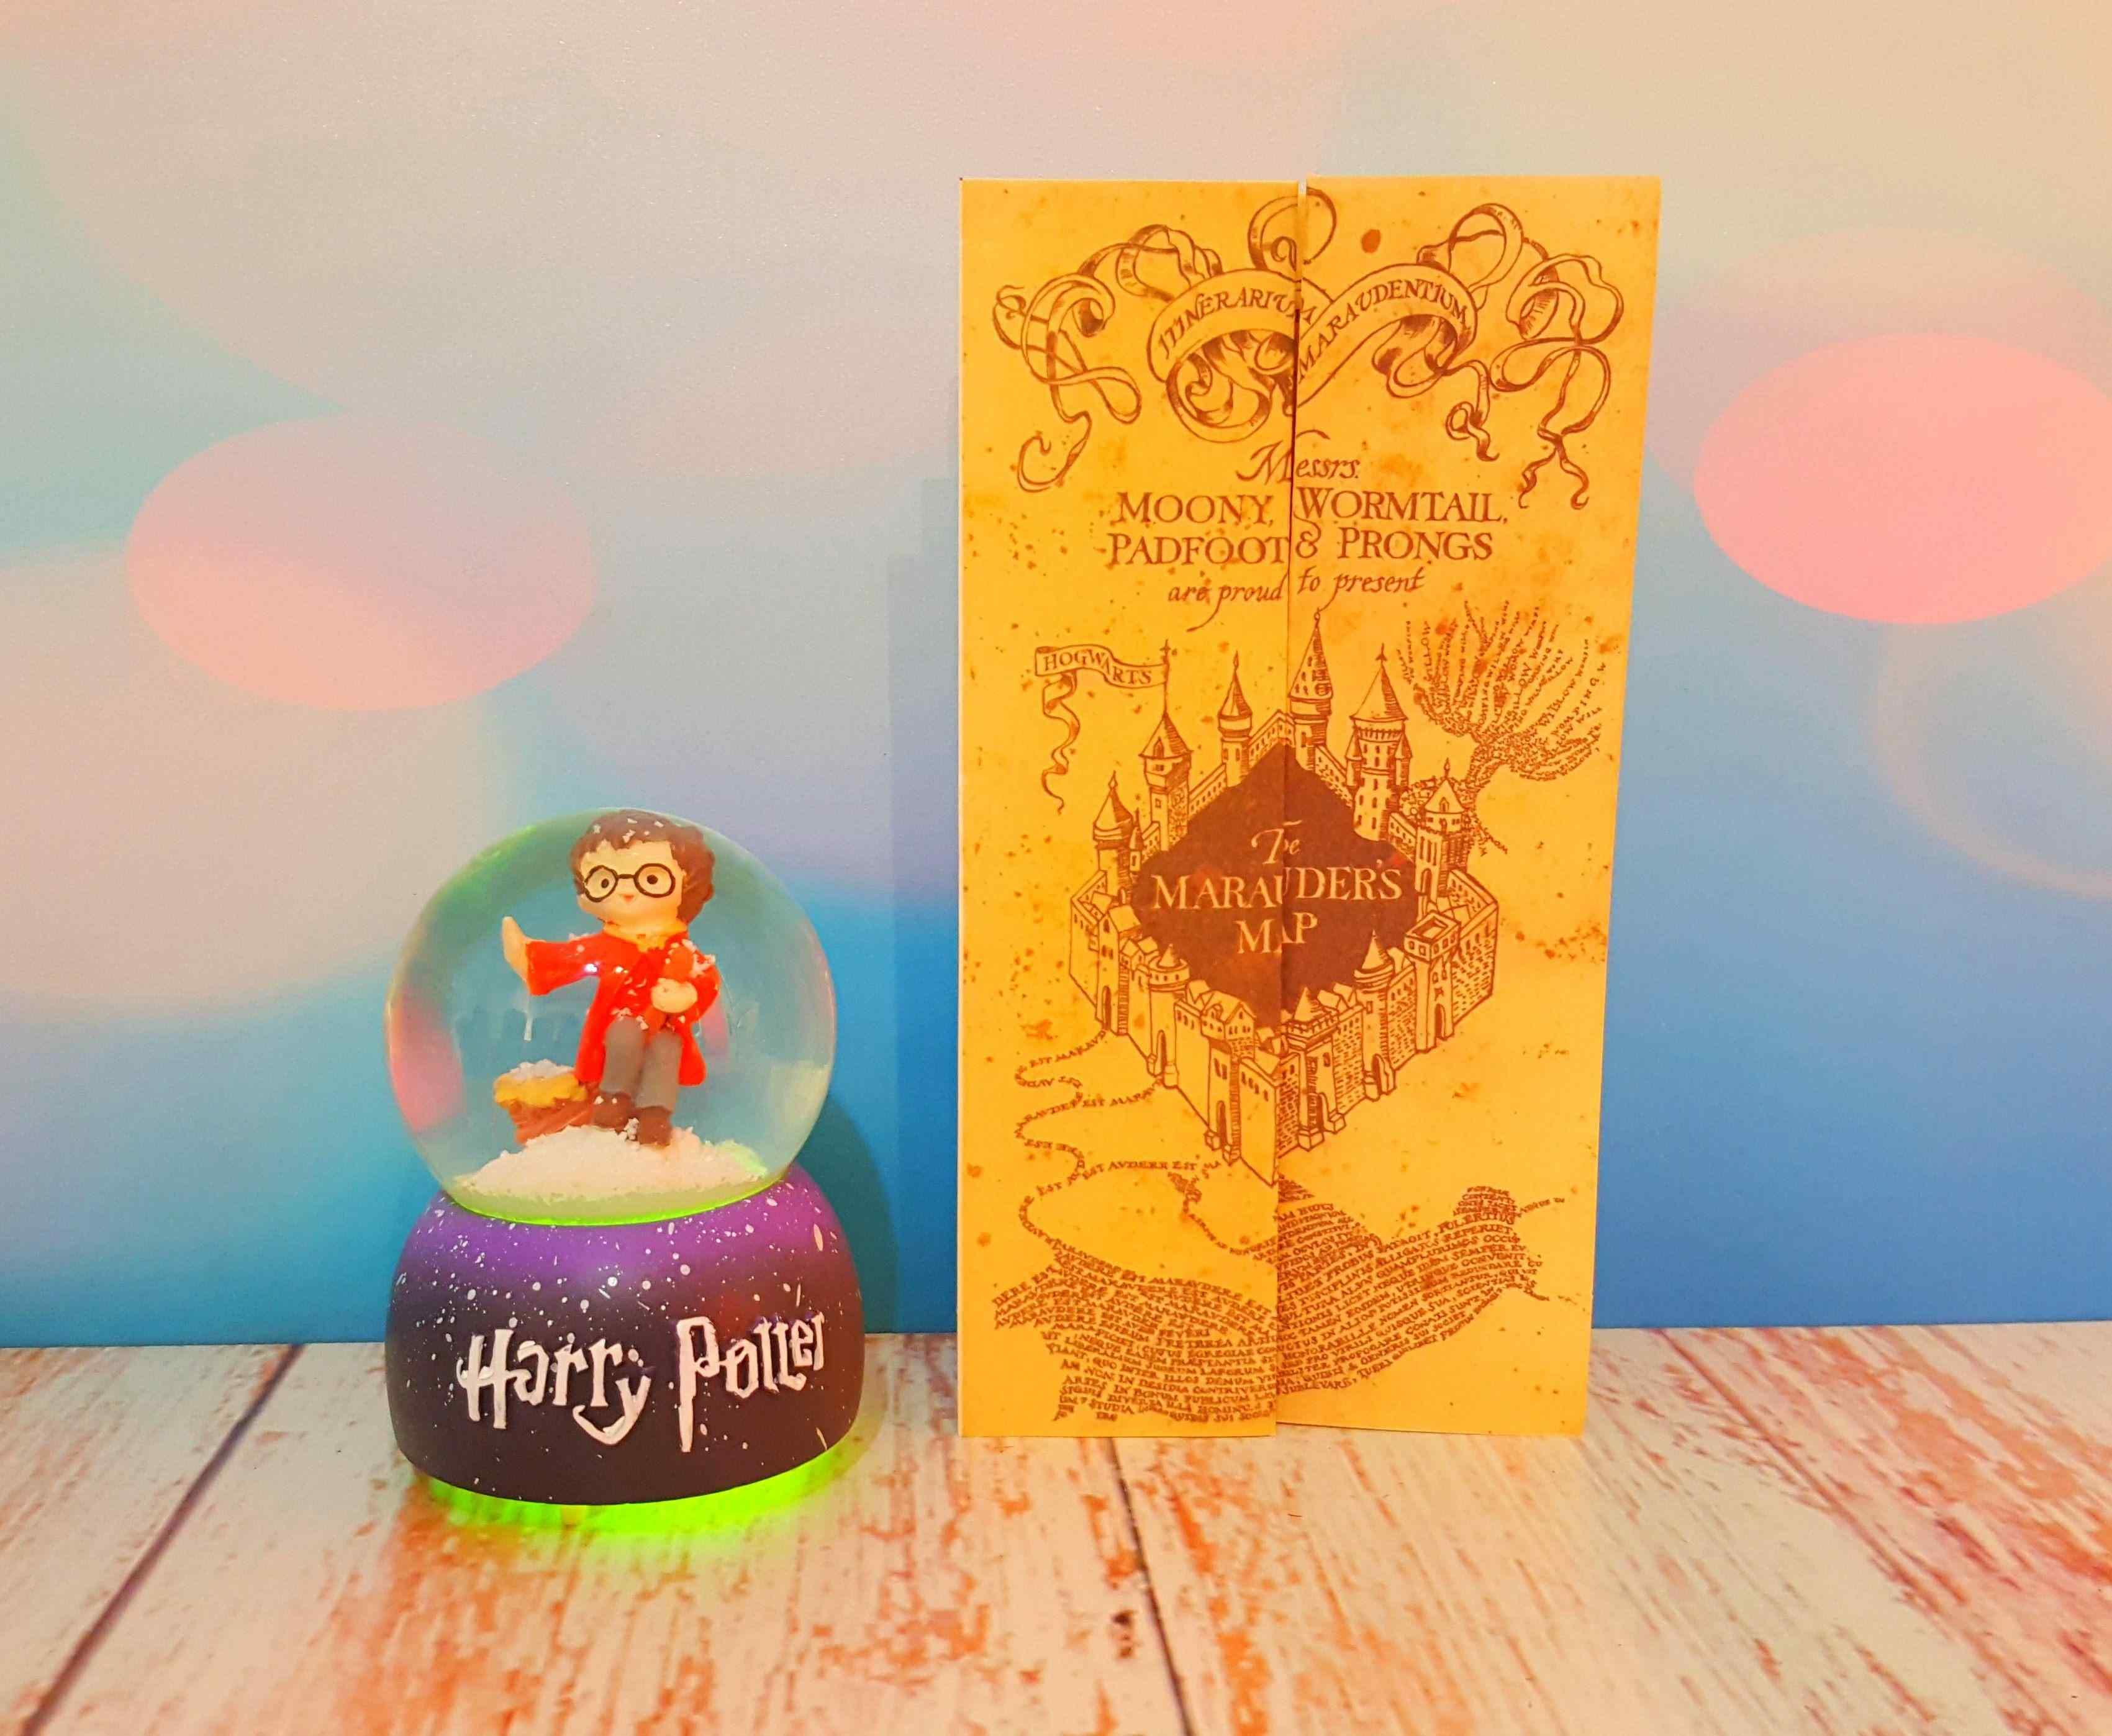 Harry Potter Küçük Boy Kar Küresi ve Harry Potter Büyücü Haritası Marauder's Map Çapulcu Haritası